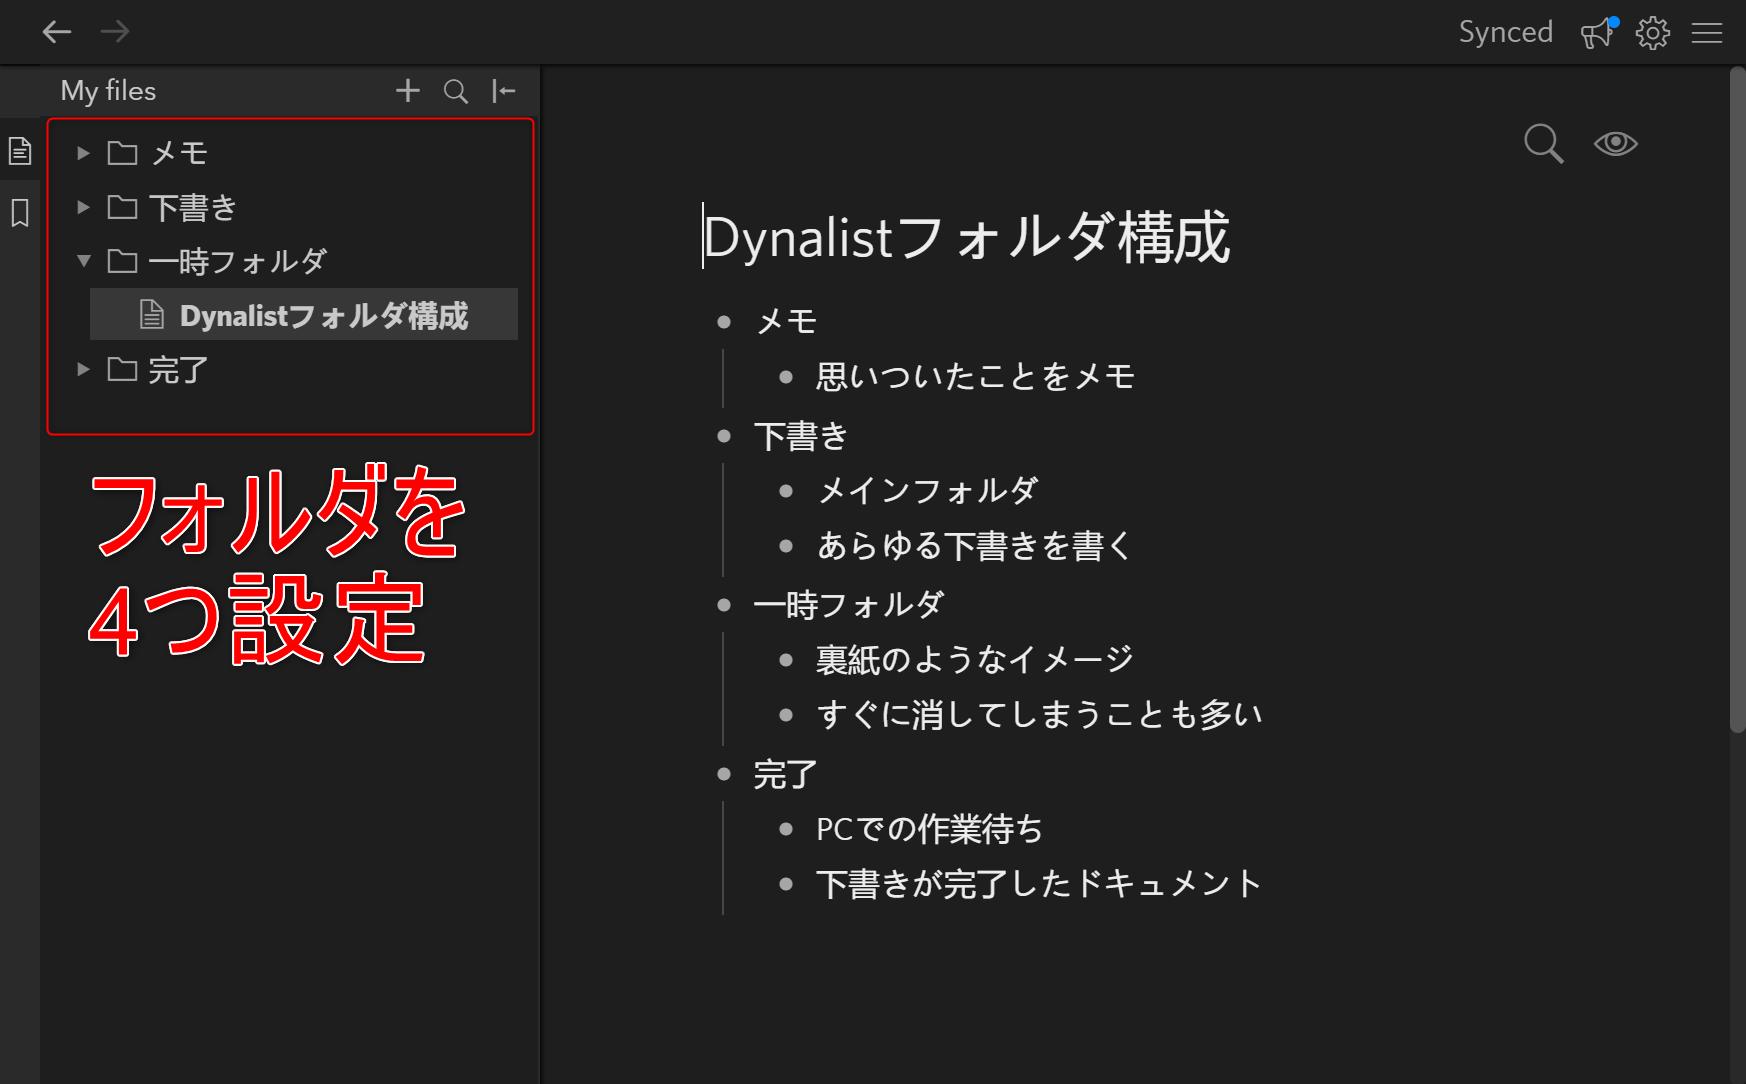 Dynalistフォルダ構成